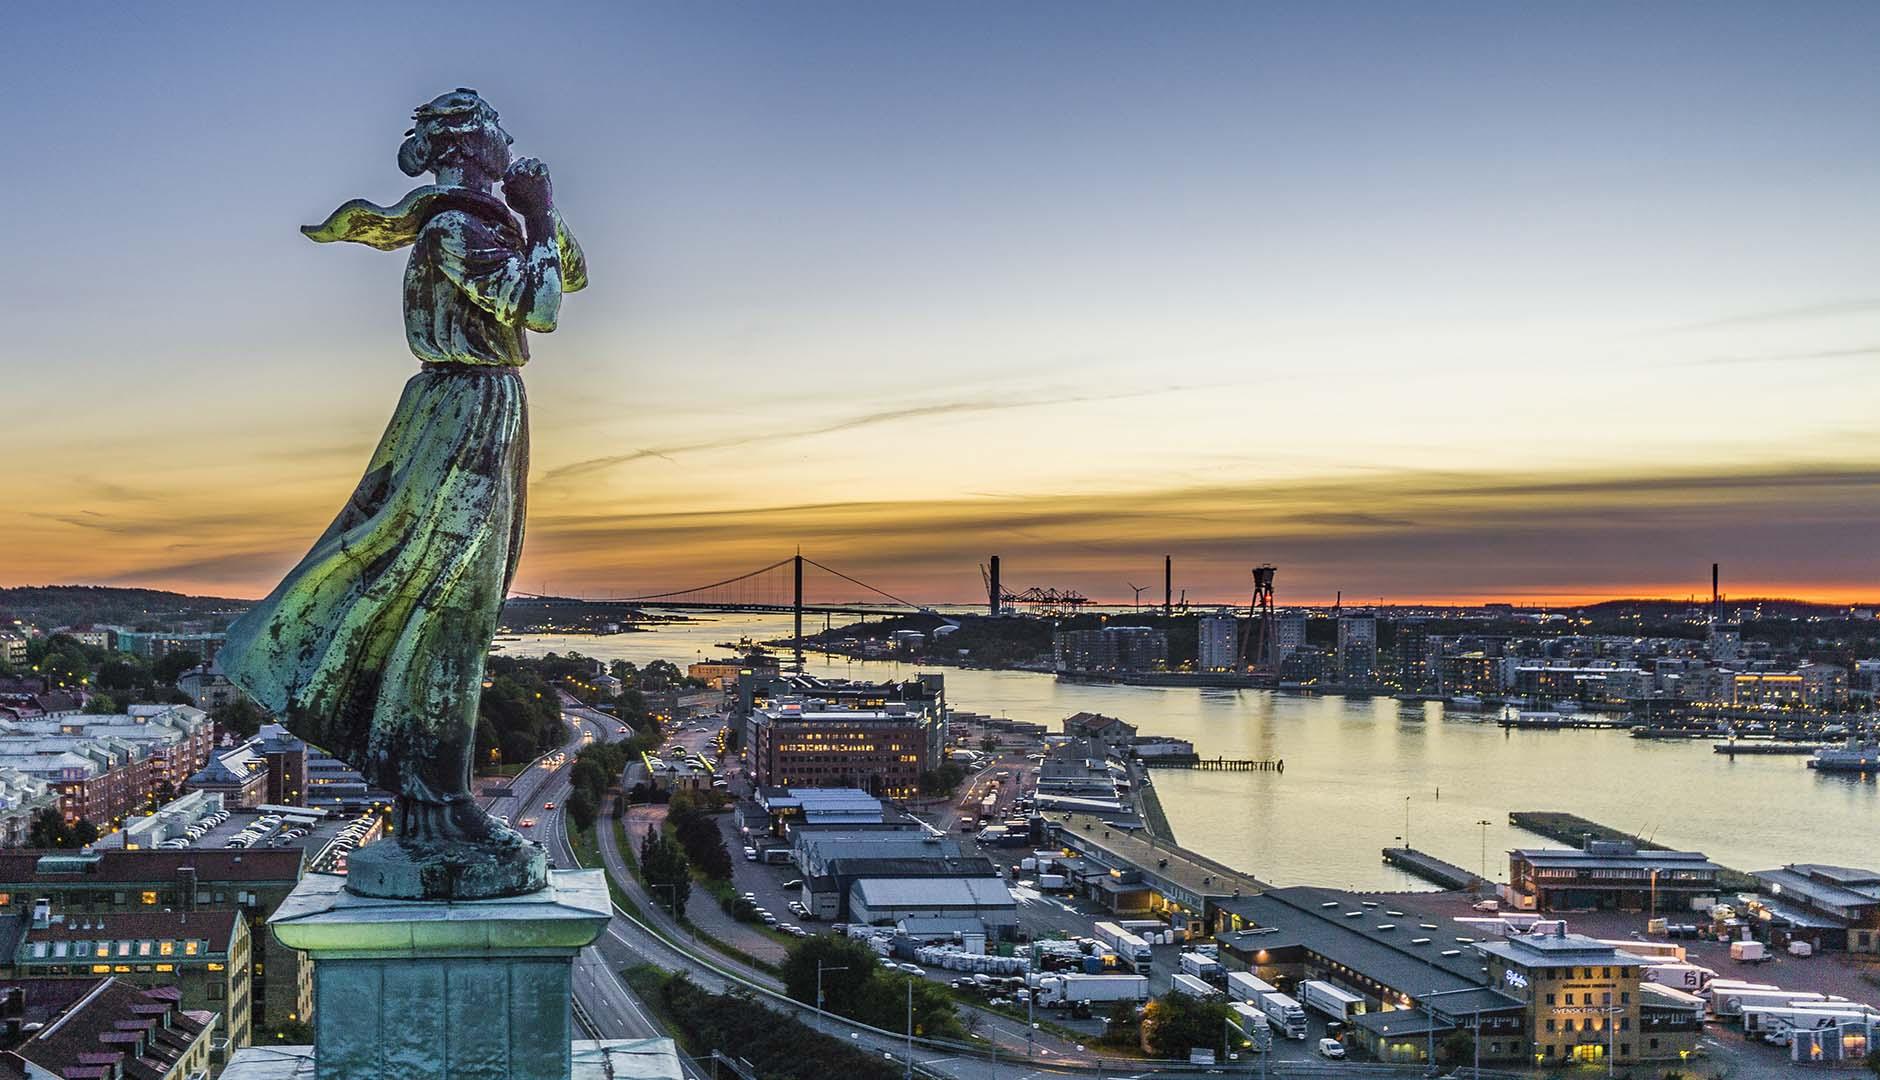 Göteborgs inlopp, älvsborgsbron och Sjömanshustrun